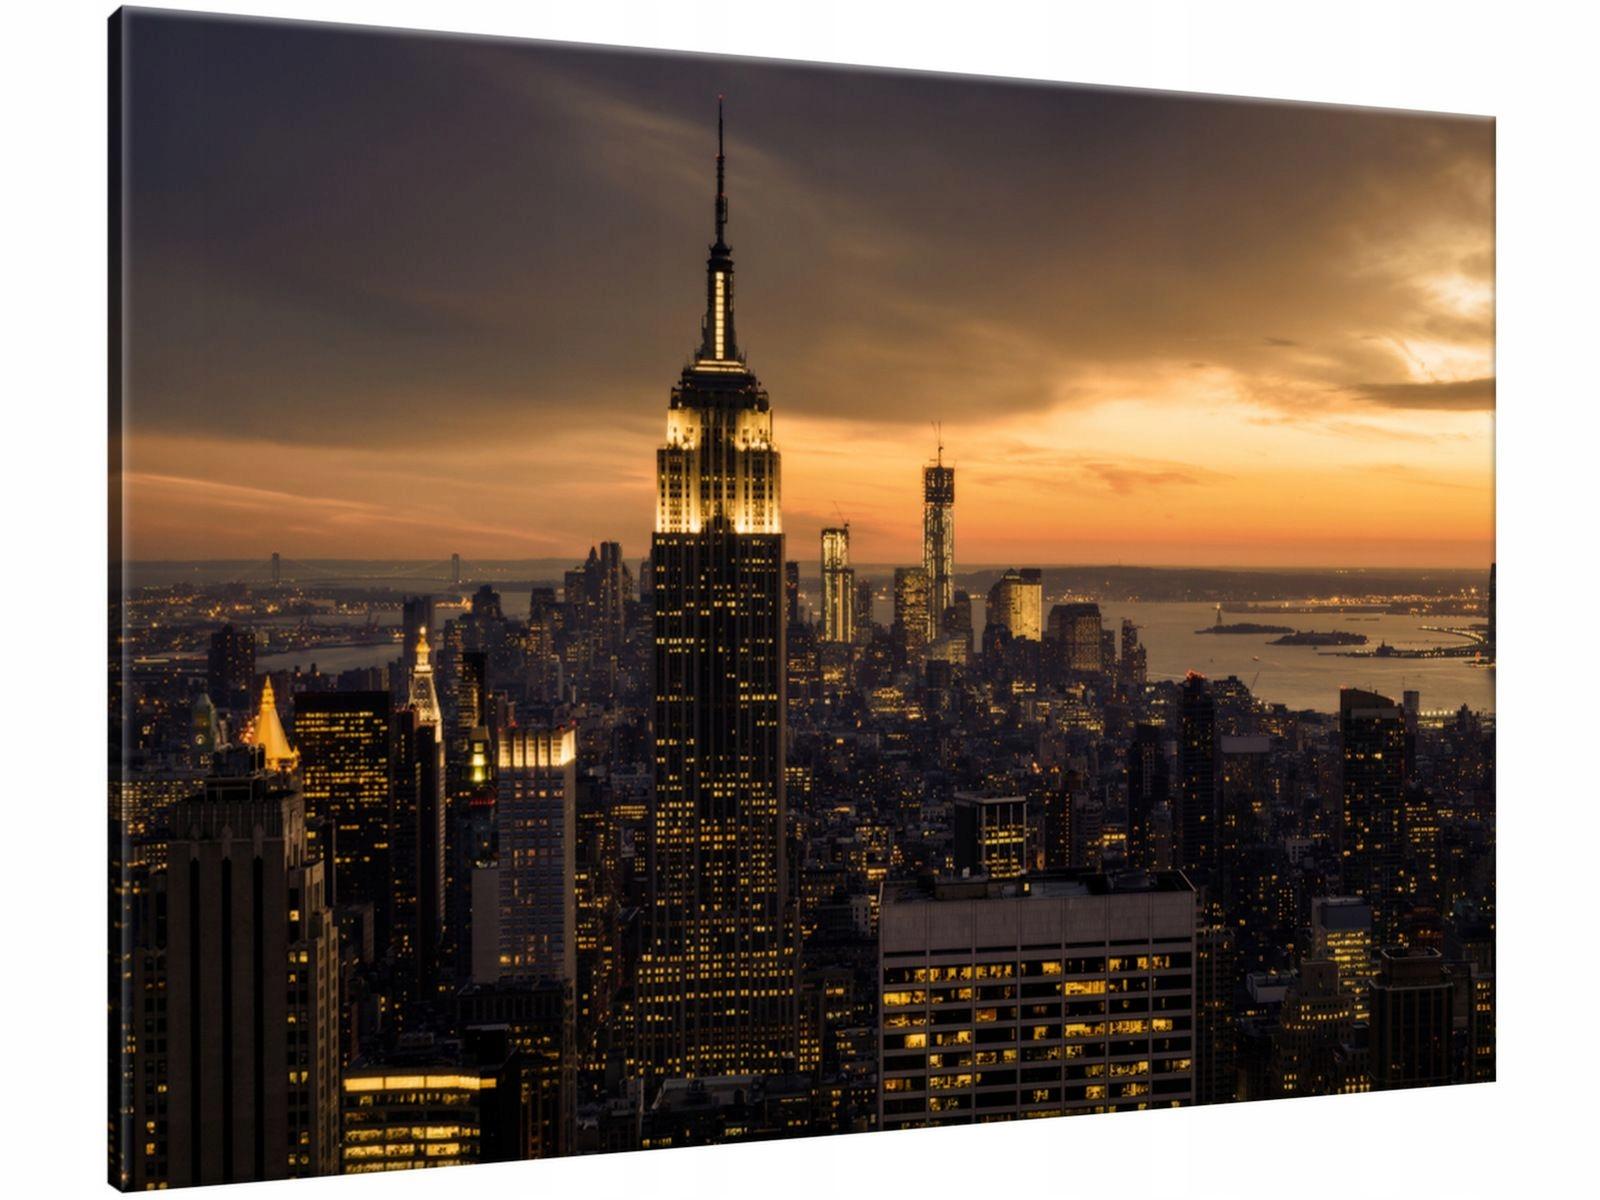 Obraz Miasto Nowy Jork o świcie 100x70 Foto obraz